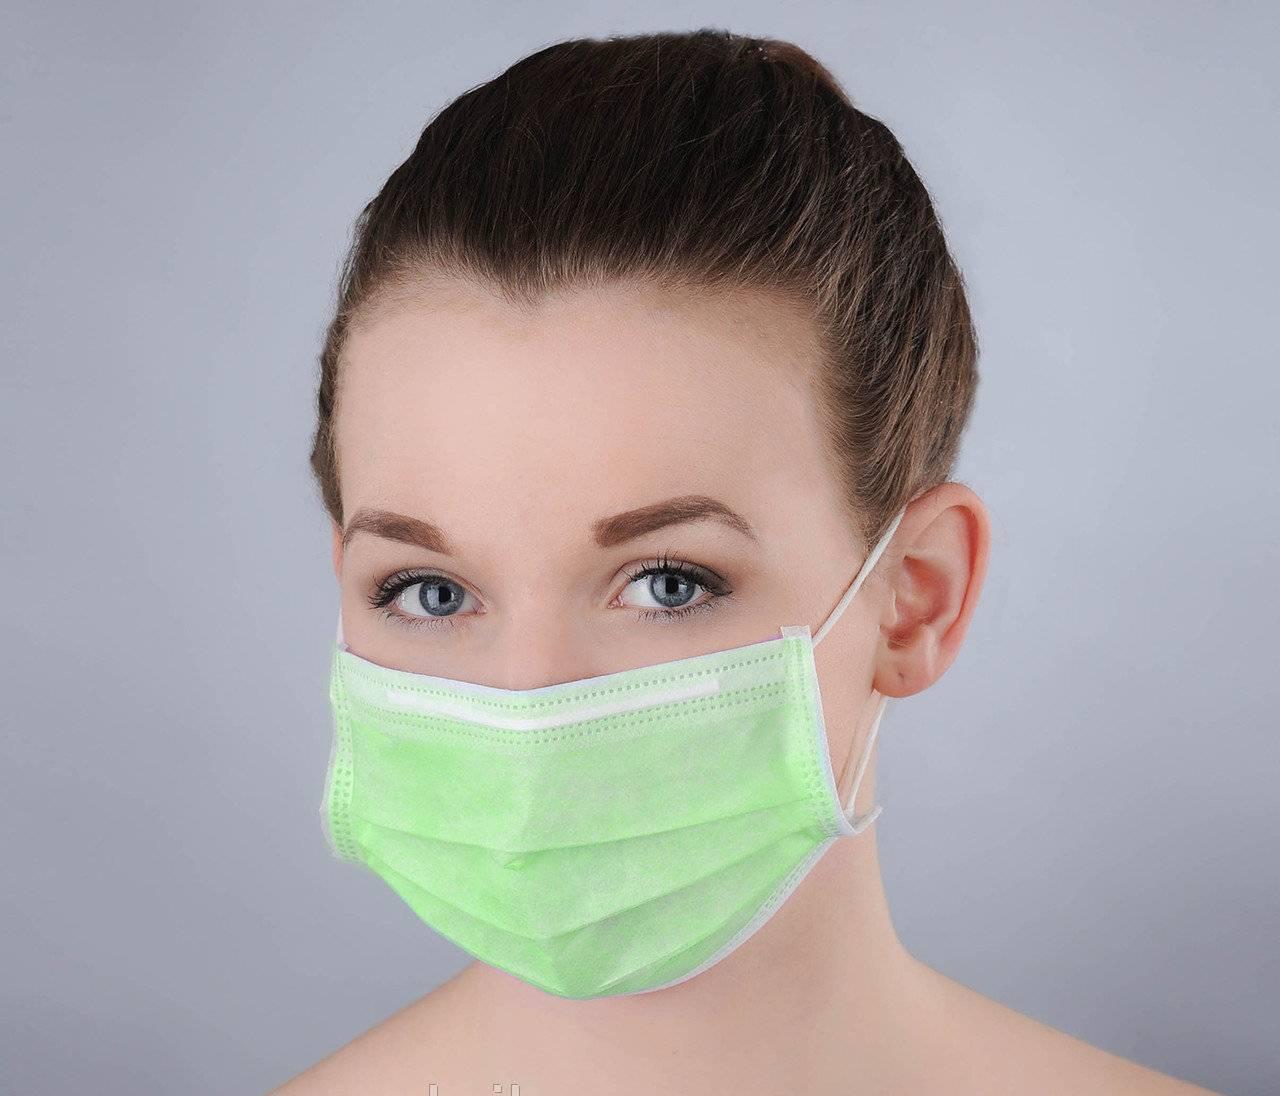 Маска медицинская трехслойная с гибким носовым фиксатором Polix PRO&MED 50 ШТ зеленая